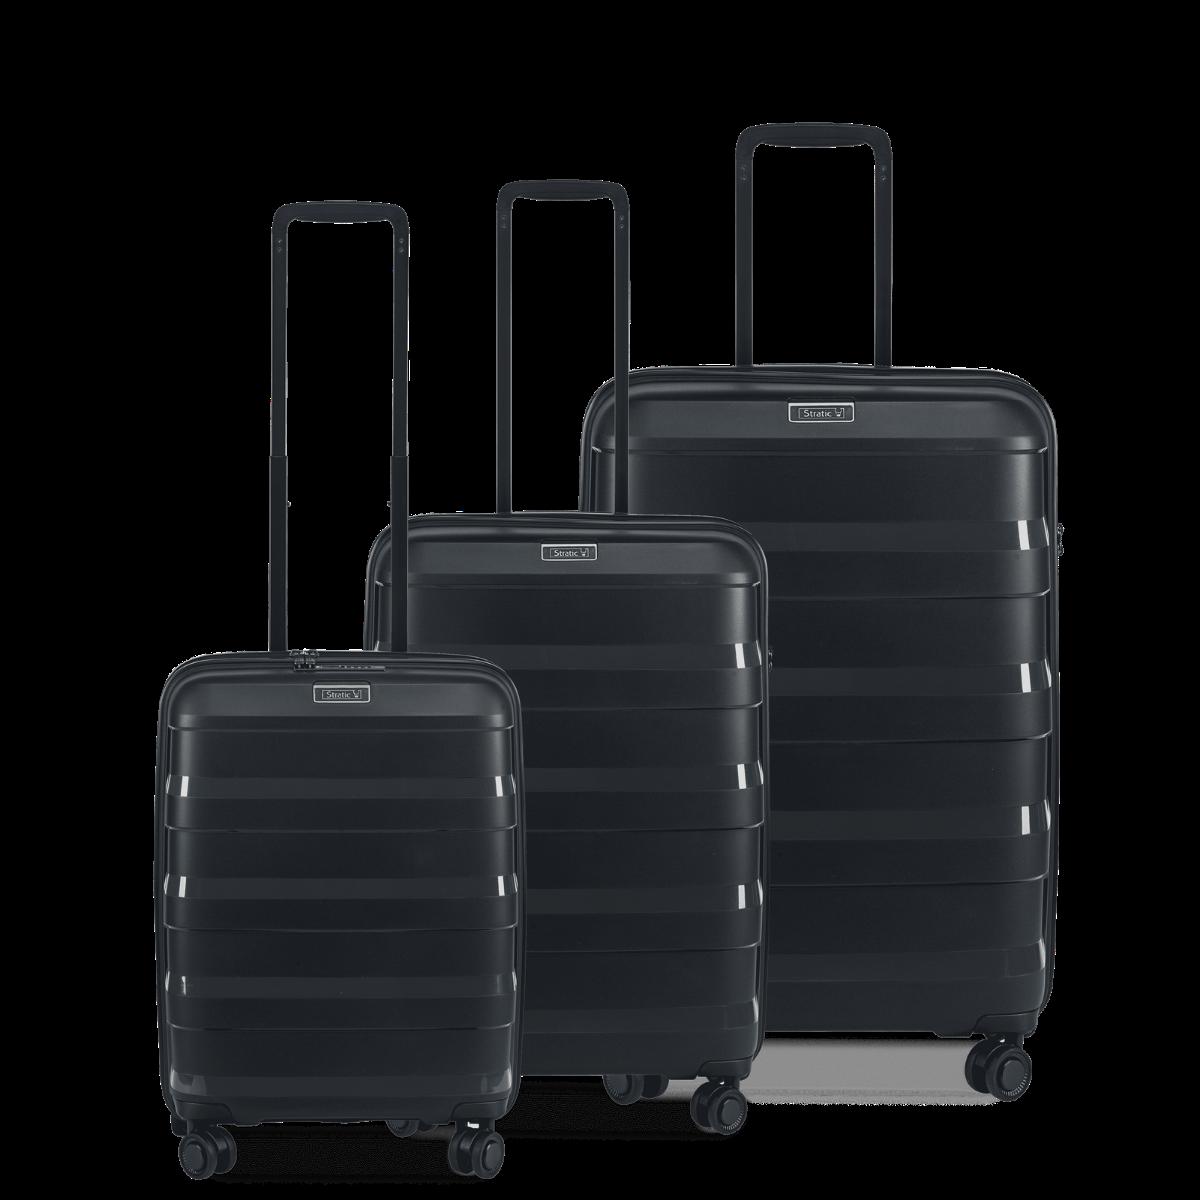 3-tlg. Hartschalen-Koffer-Set mit 4 Rollen, Straw - Black